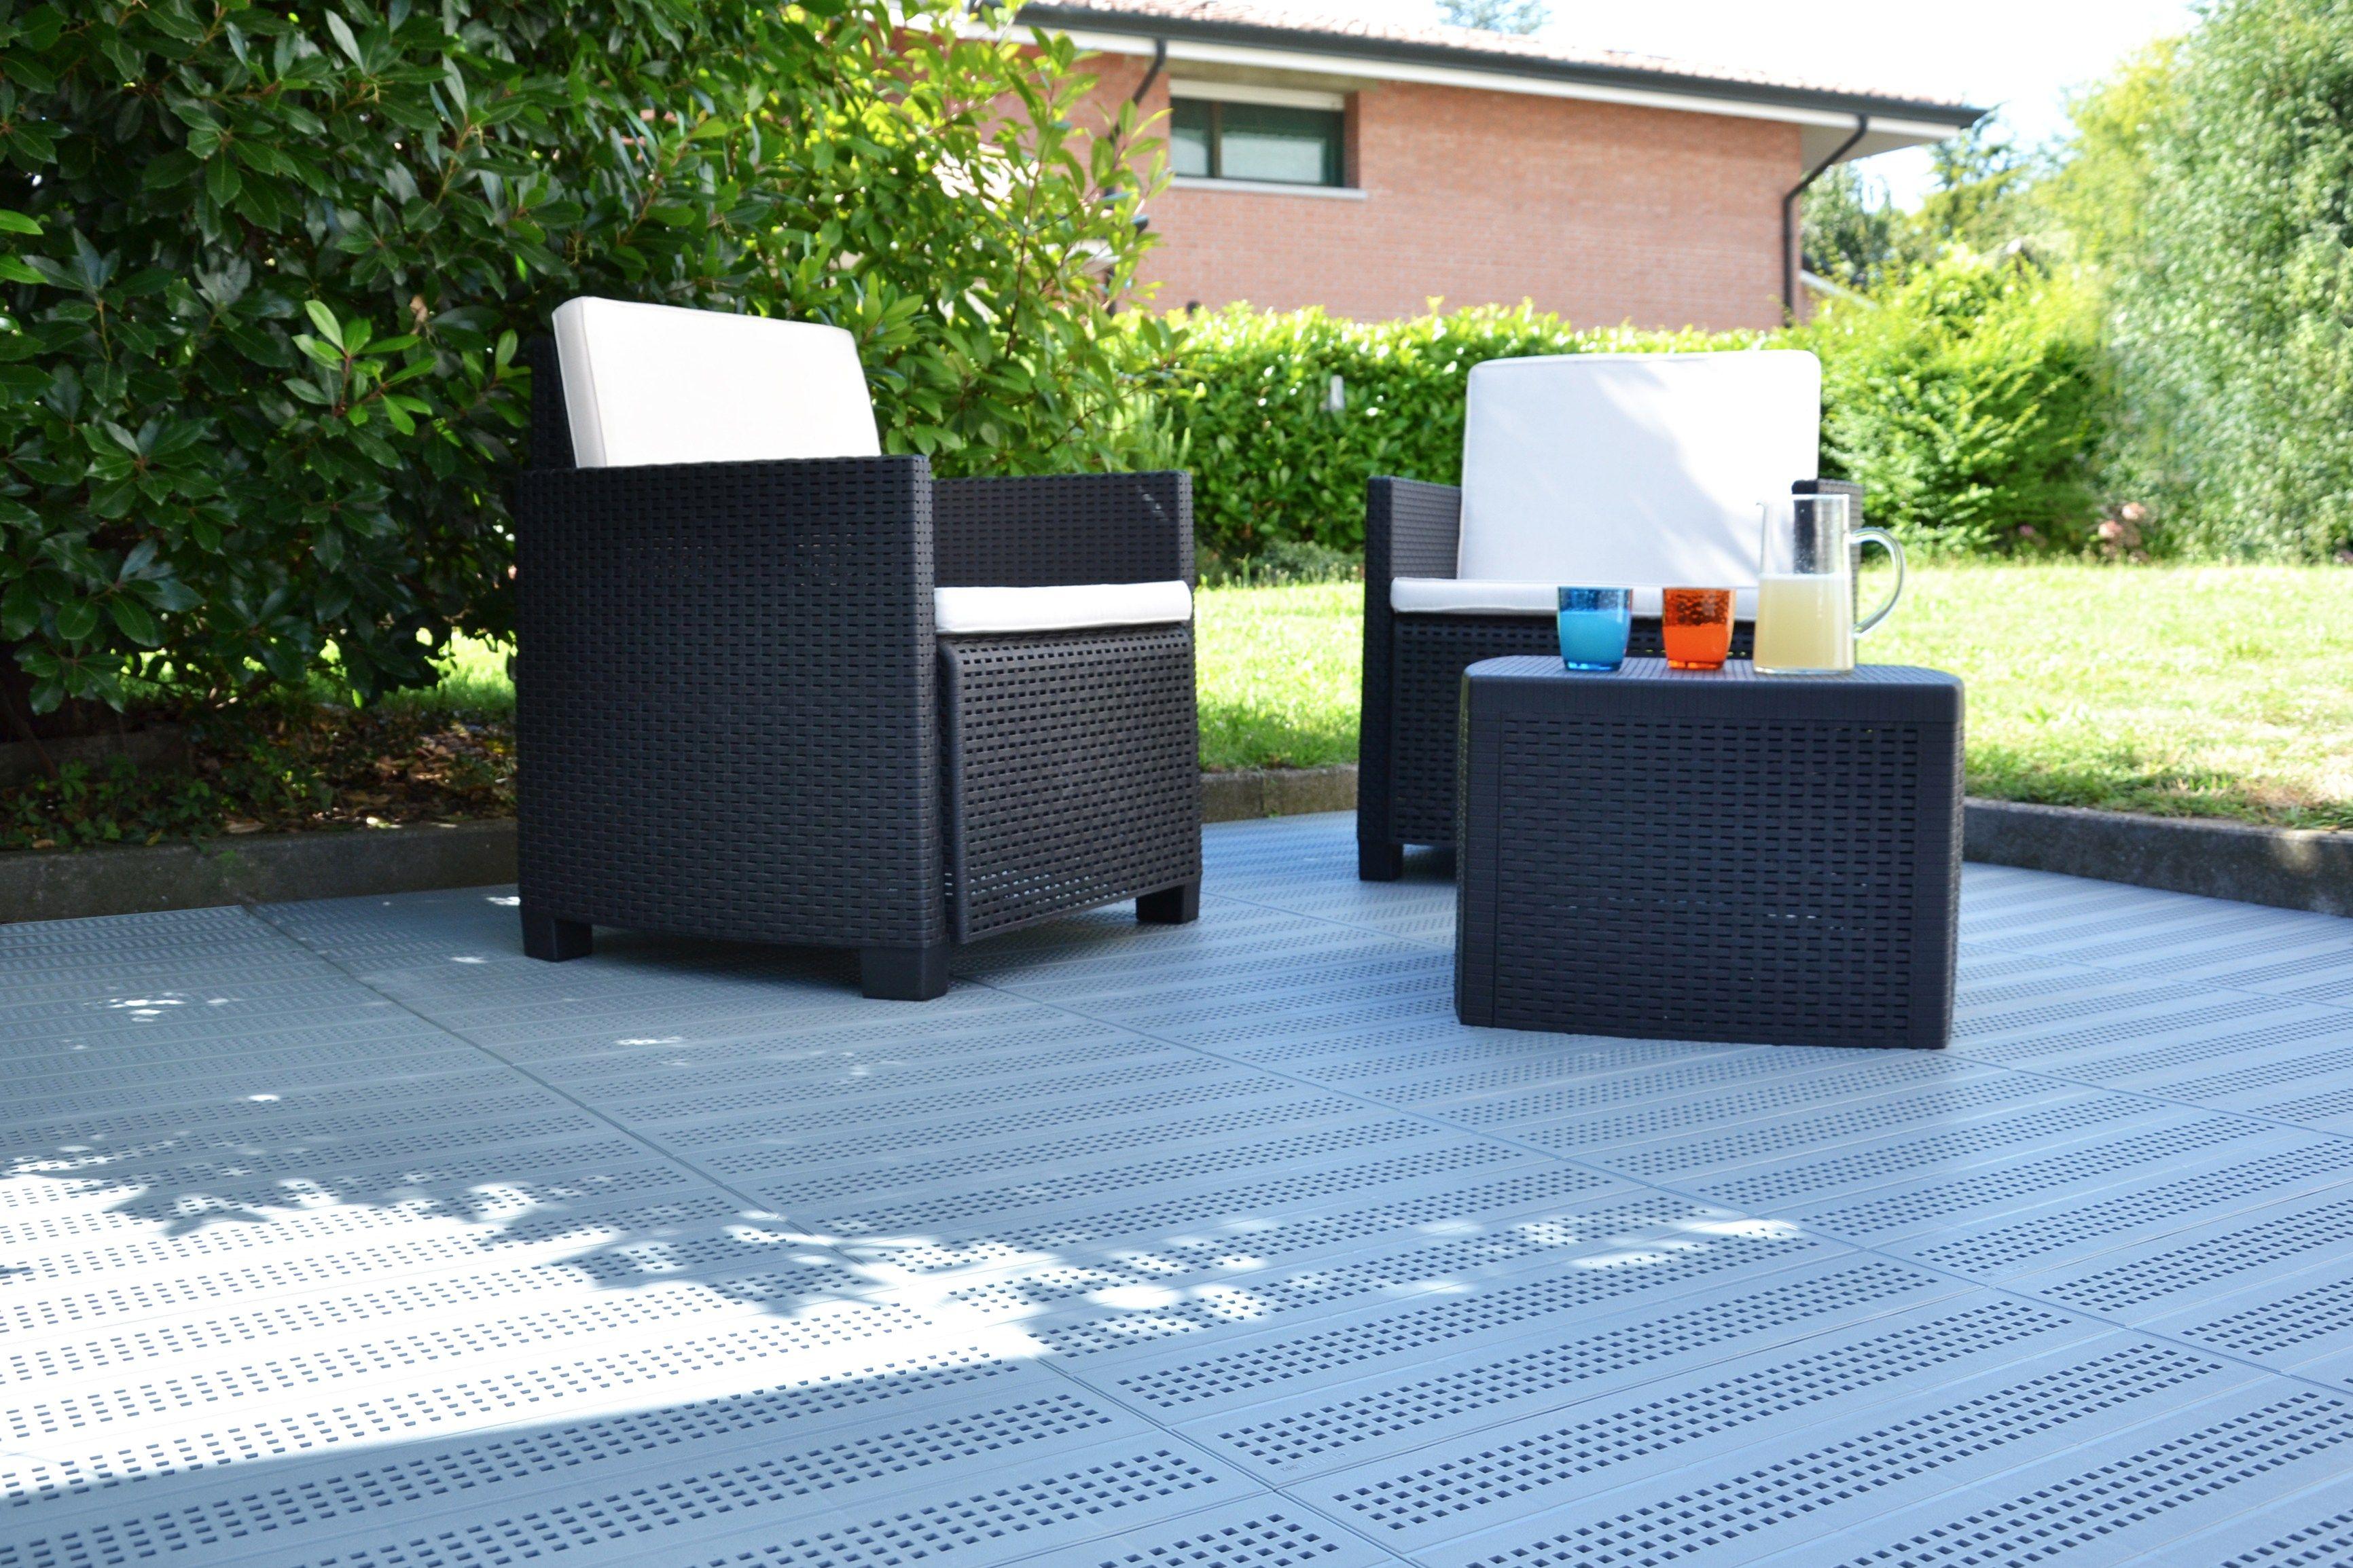 Pavimento per esterni in plastica piastrella by pontarolo - Pavimento per giardino ...